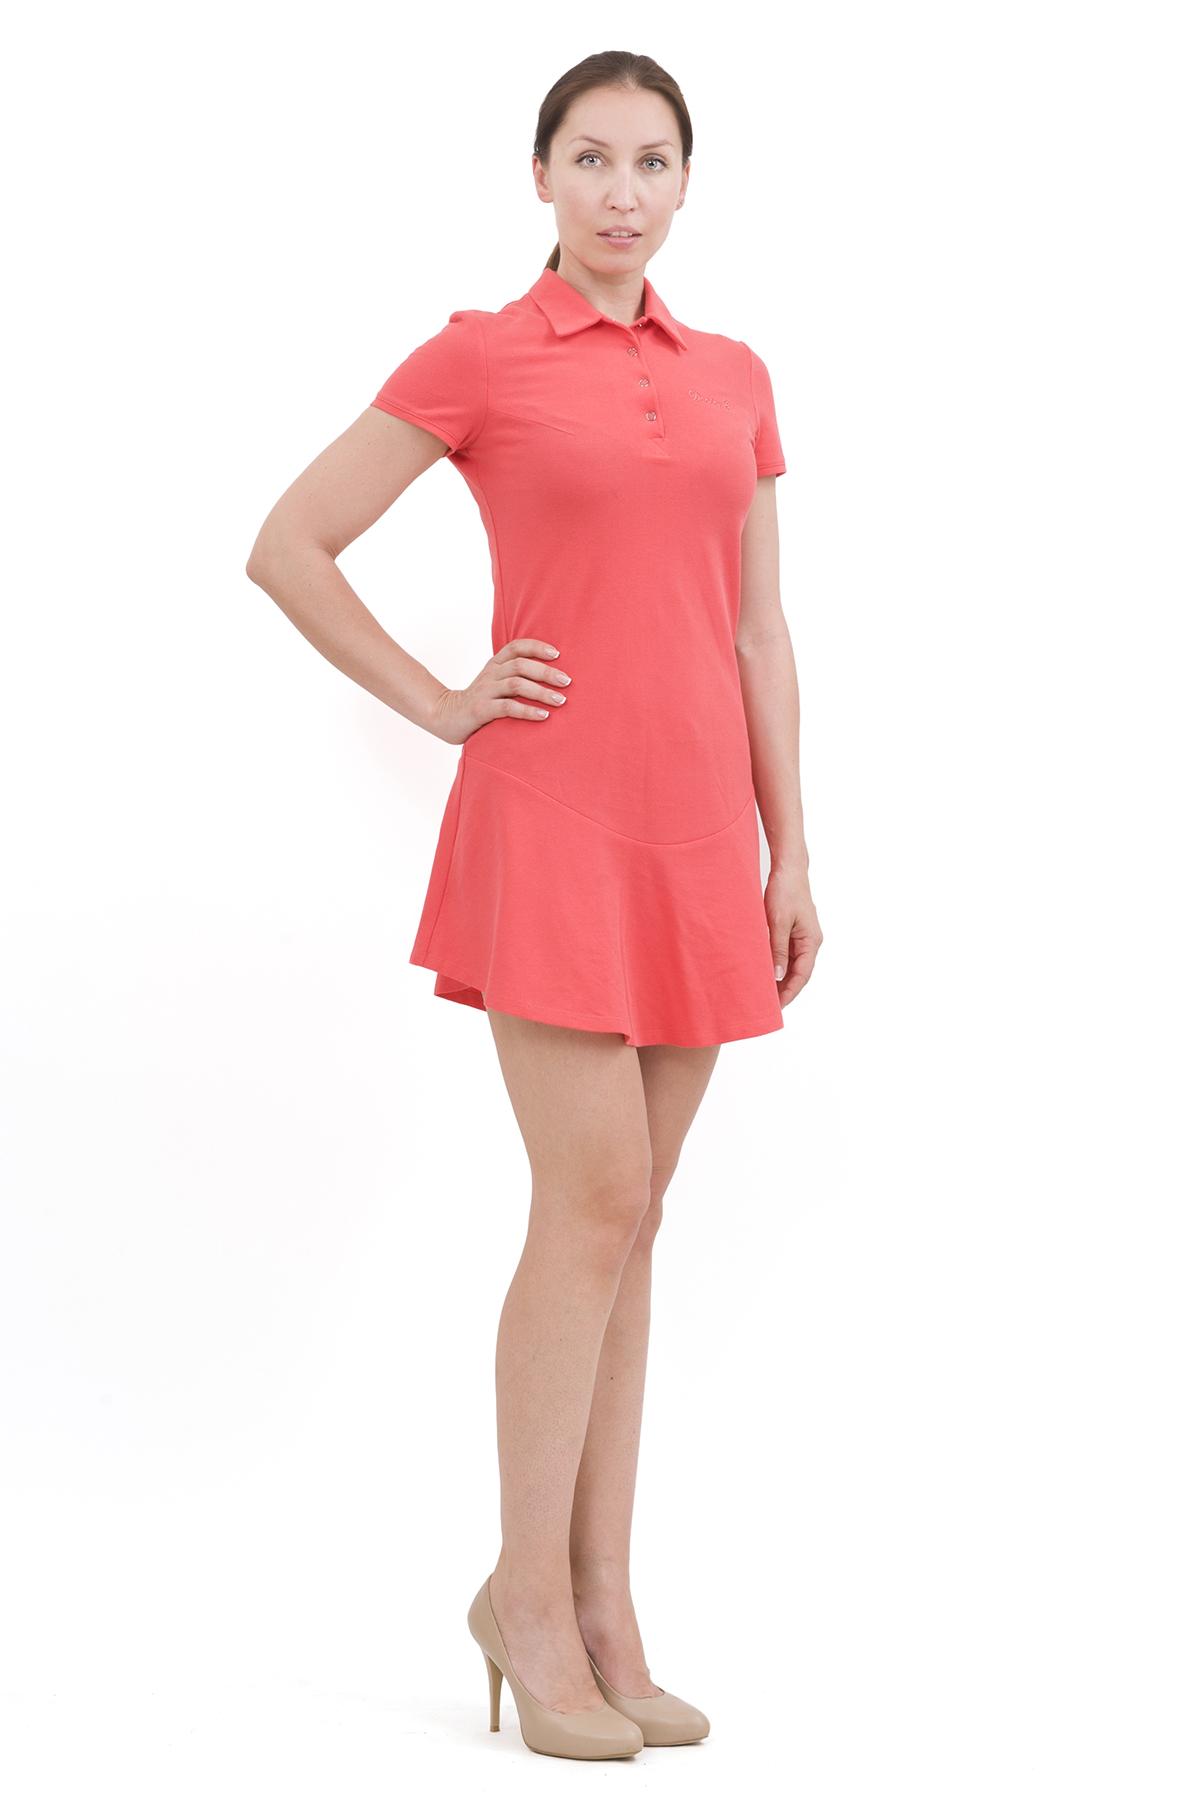 ПлатьеПлатья,  сарафаны<br>Изумительное платье яркой расцветки и оригинального дизайна не оставит Вас незамеченной среди окружающих. Отличный вариант на лето!<br><br>Цвет: коралловый<br>Состав: 100% хлопок<br>Размер: 40,42,44,46,48,50,52,54,56,58,60<br>Страна дизайна: Россия<br>Страна производства: Россия